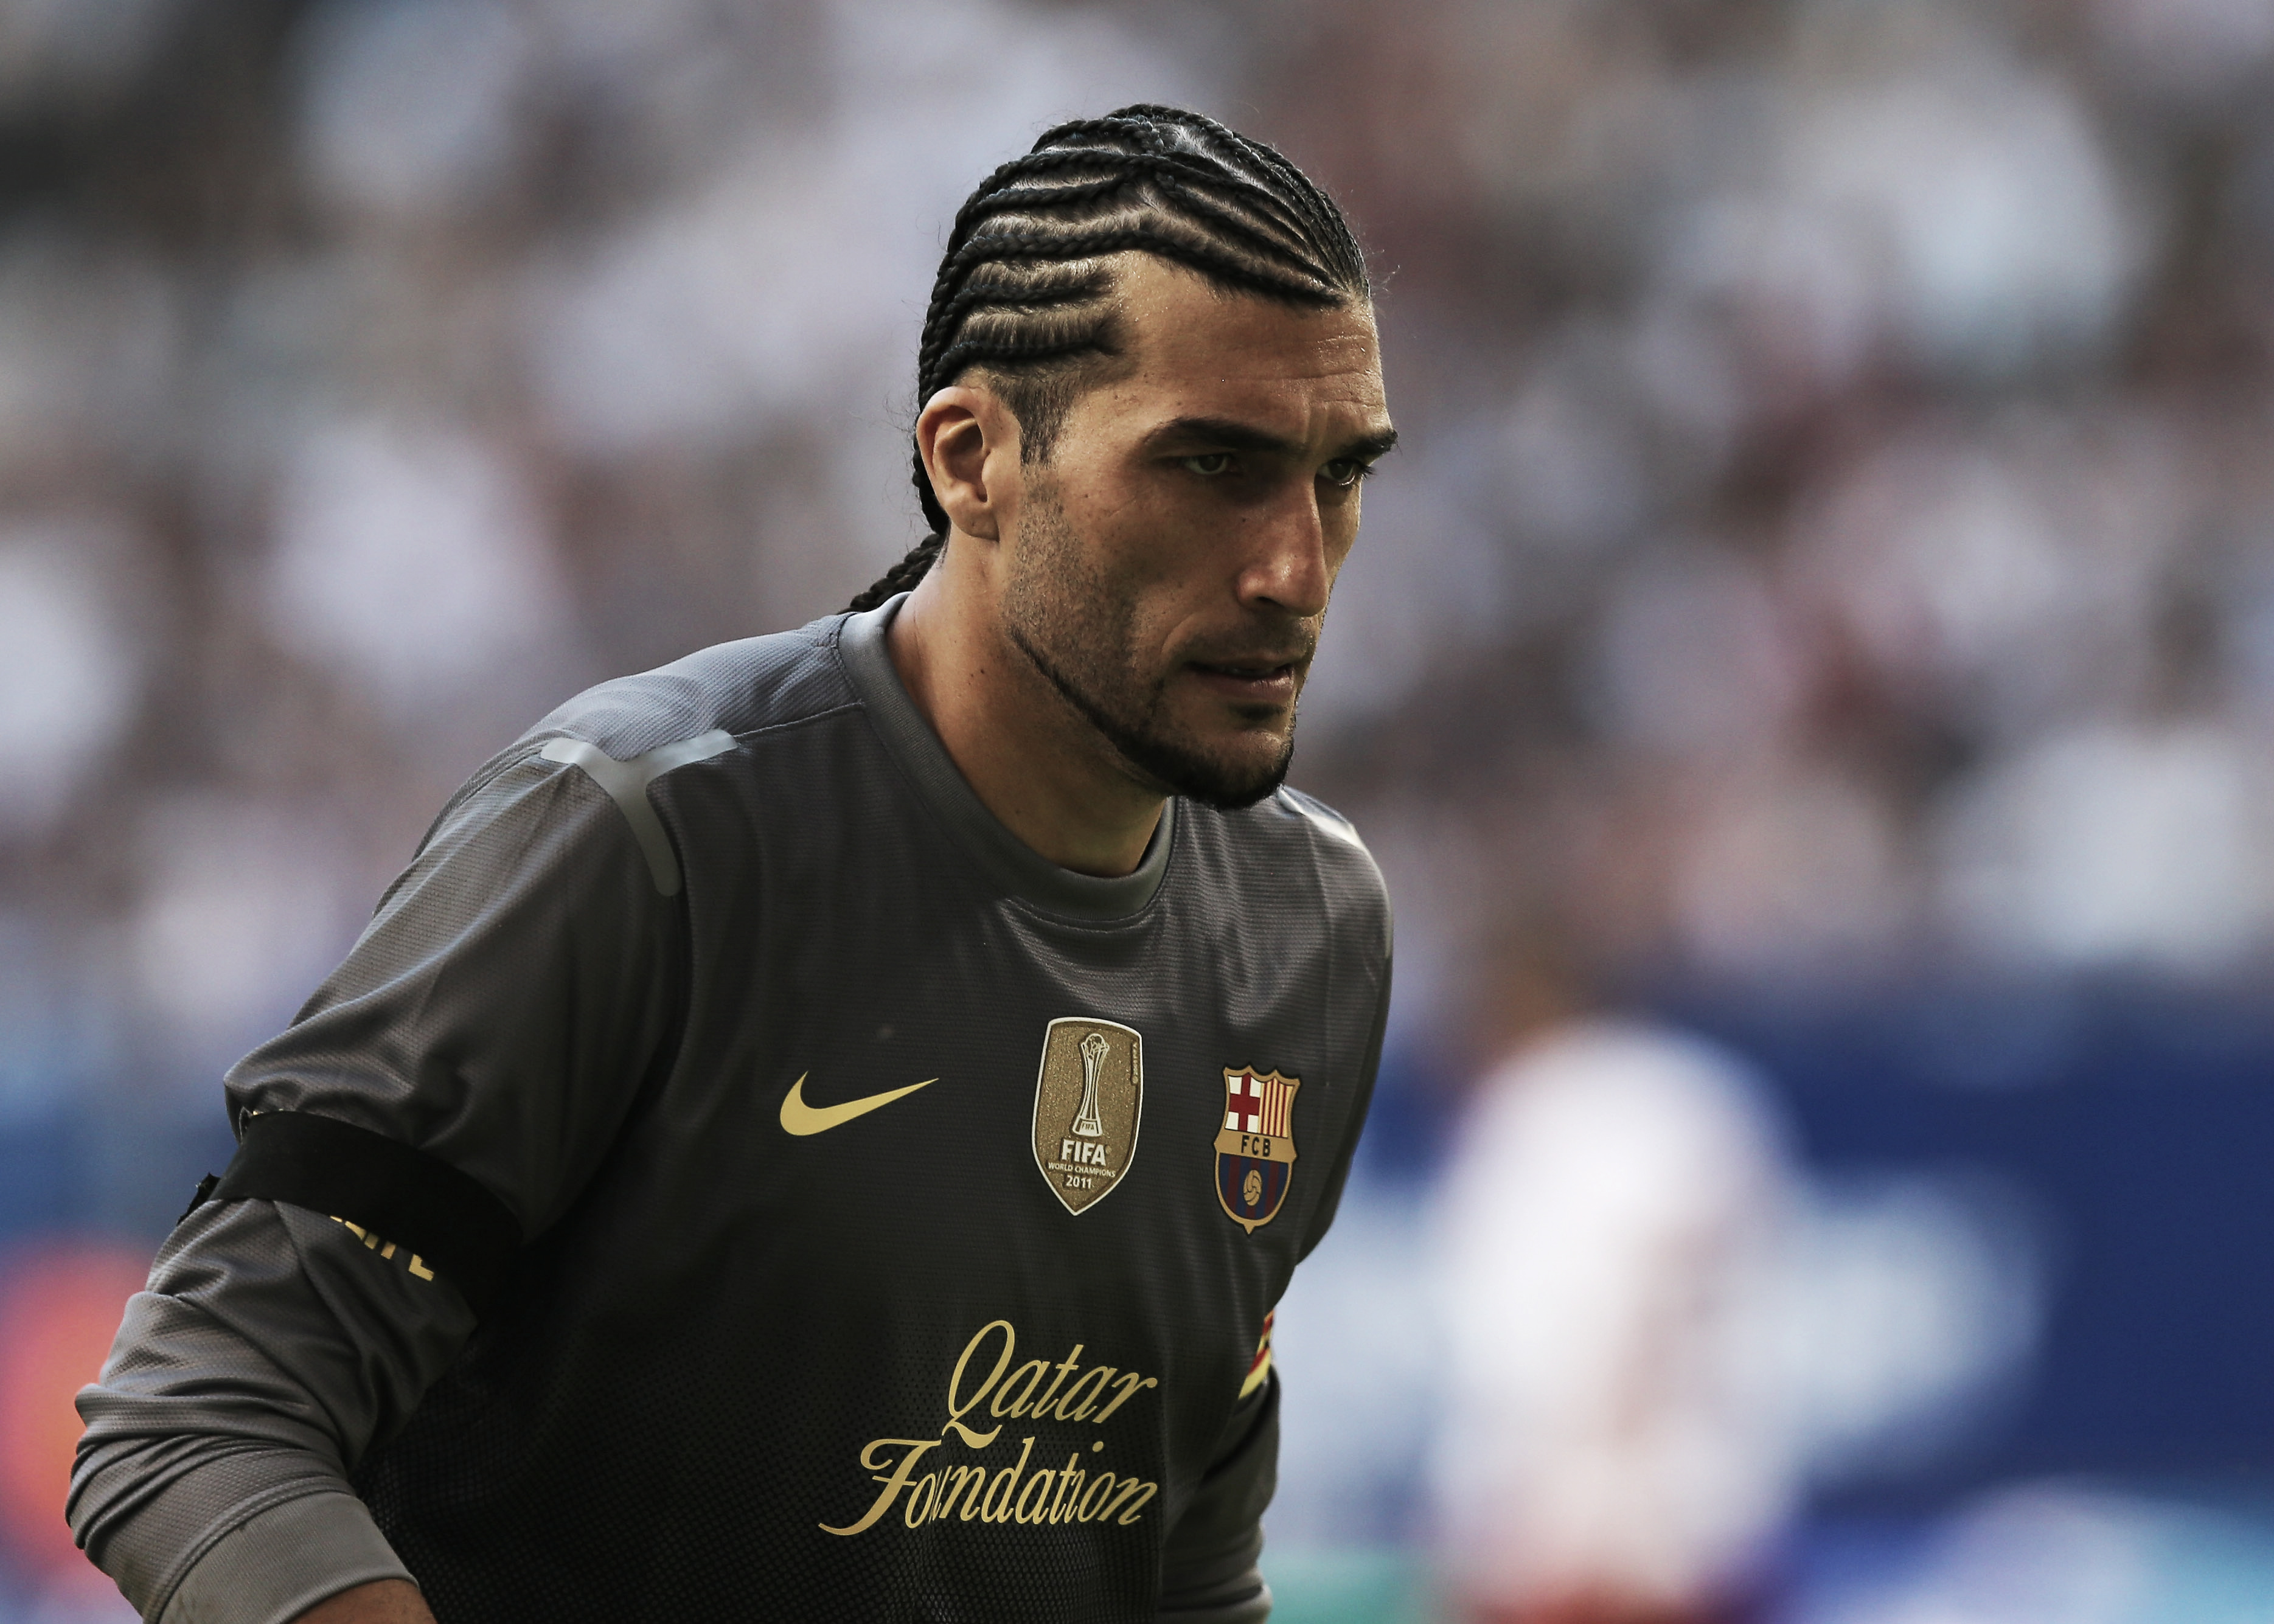 Pinto renueva su contrato hasta 2014